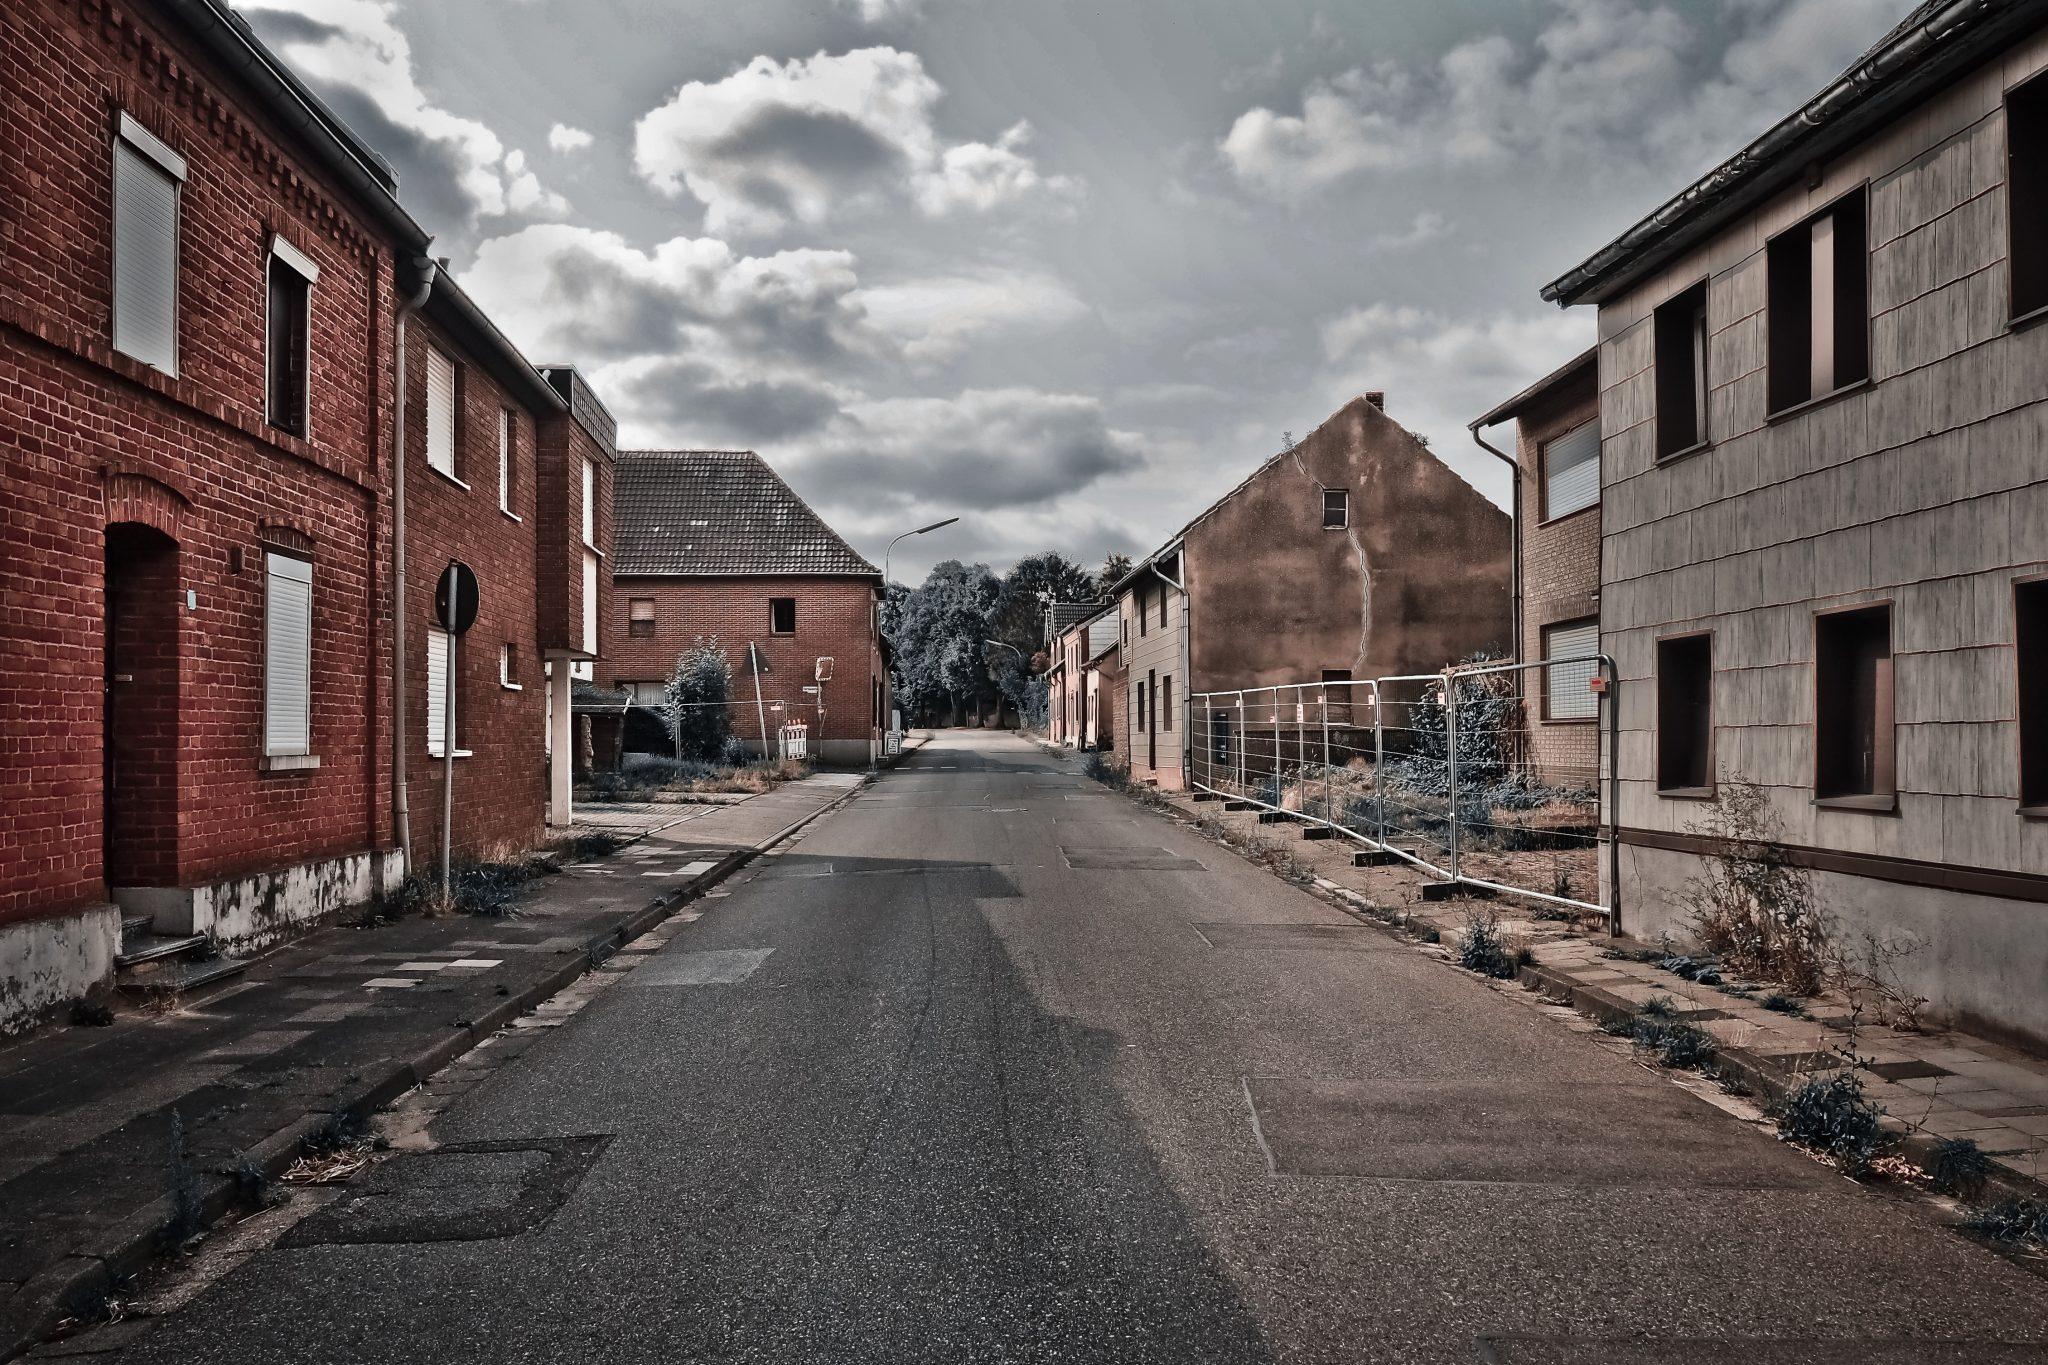 https://pixabay.com/fr/photos/endroits-perdus-maisons-abandonn%C3%A9-3626259/?fbclid=IwAR2YCn1zpfoxCEHs8B8CaWXoB4tFyauEJ249sLybHCG0QJKT1fPs66cjqb4